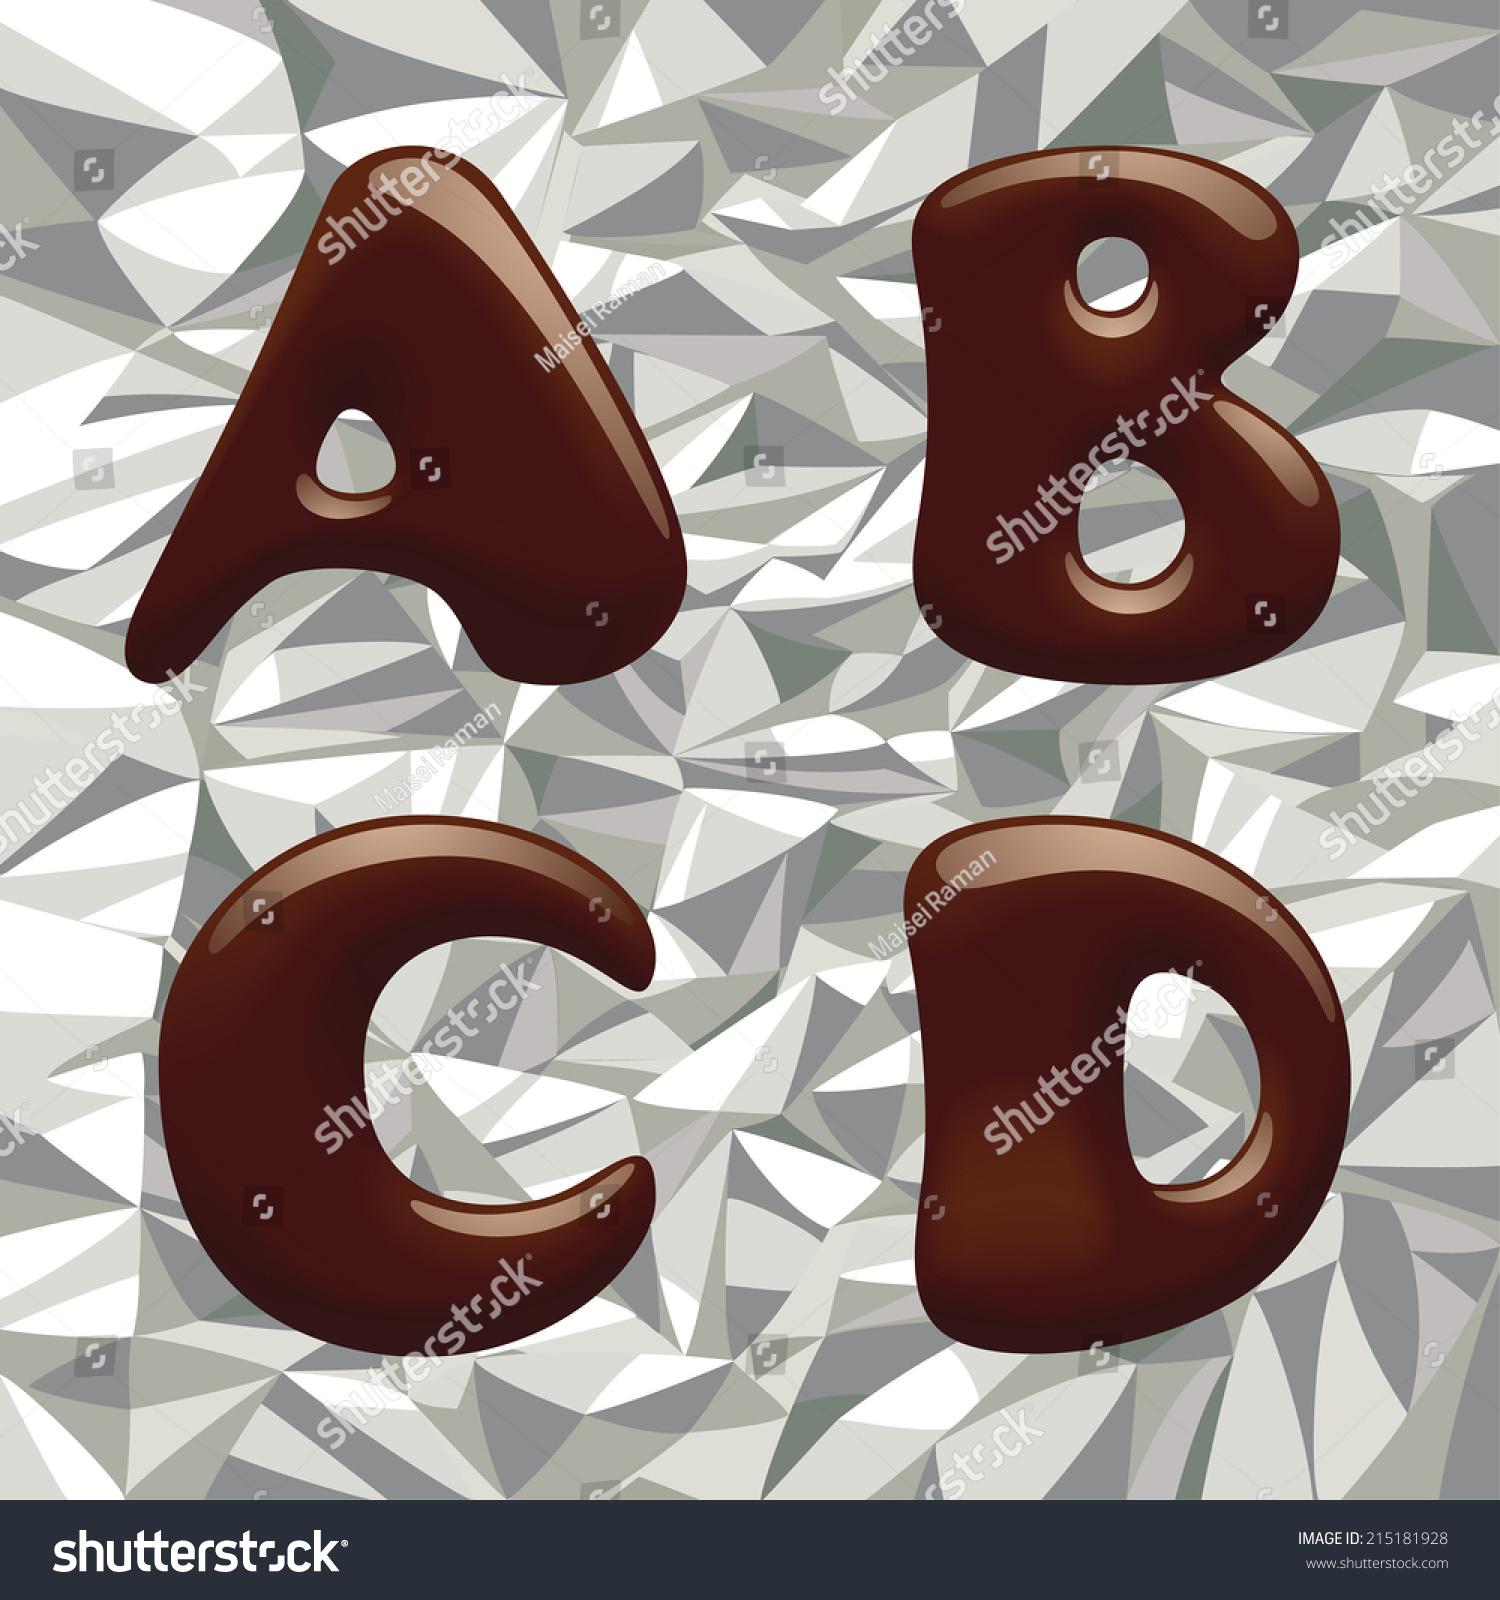 創意英文字母微信頭像